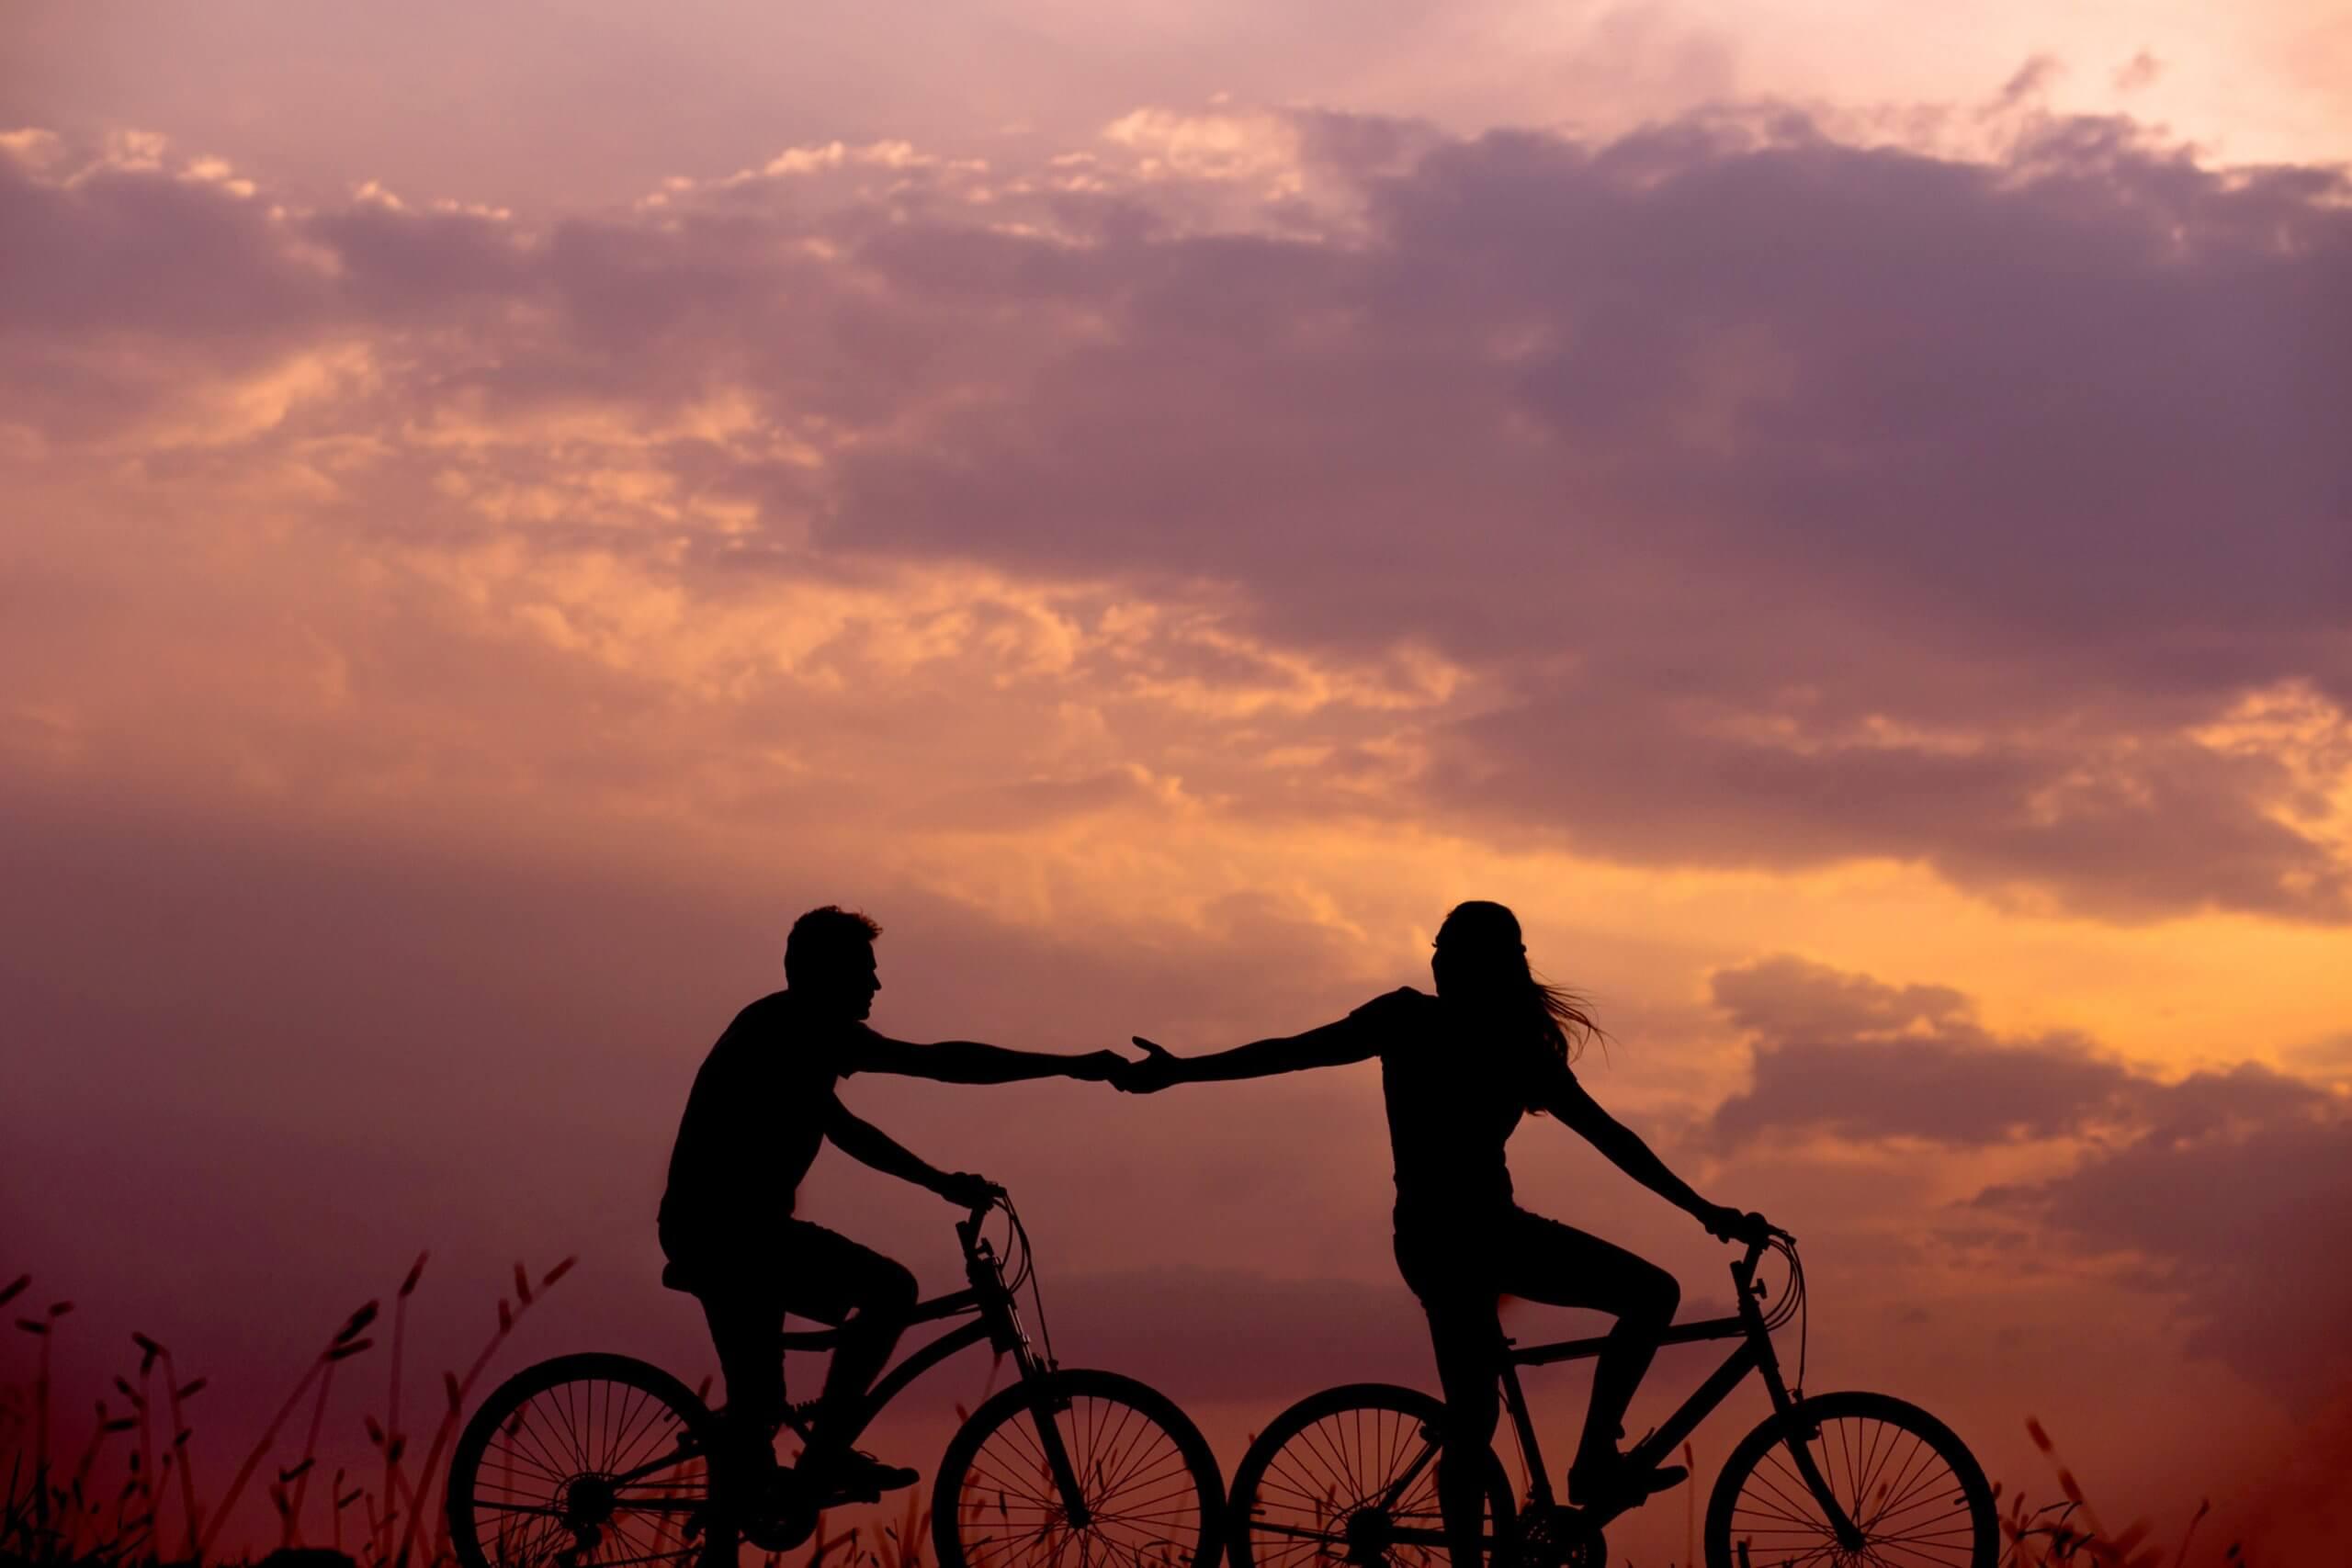 夕暮れ時のサイクリング